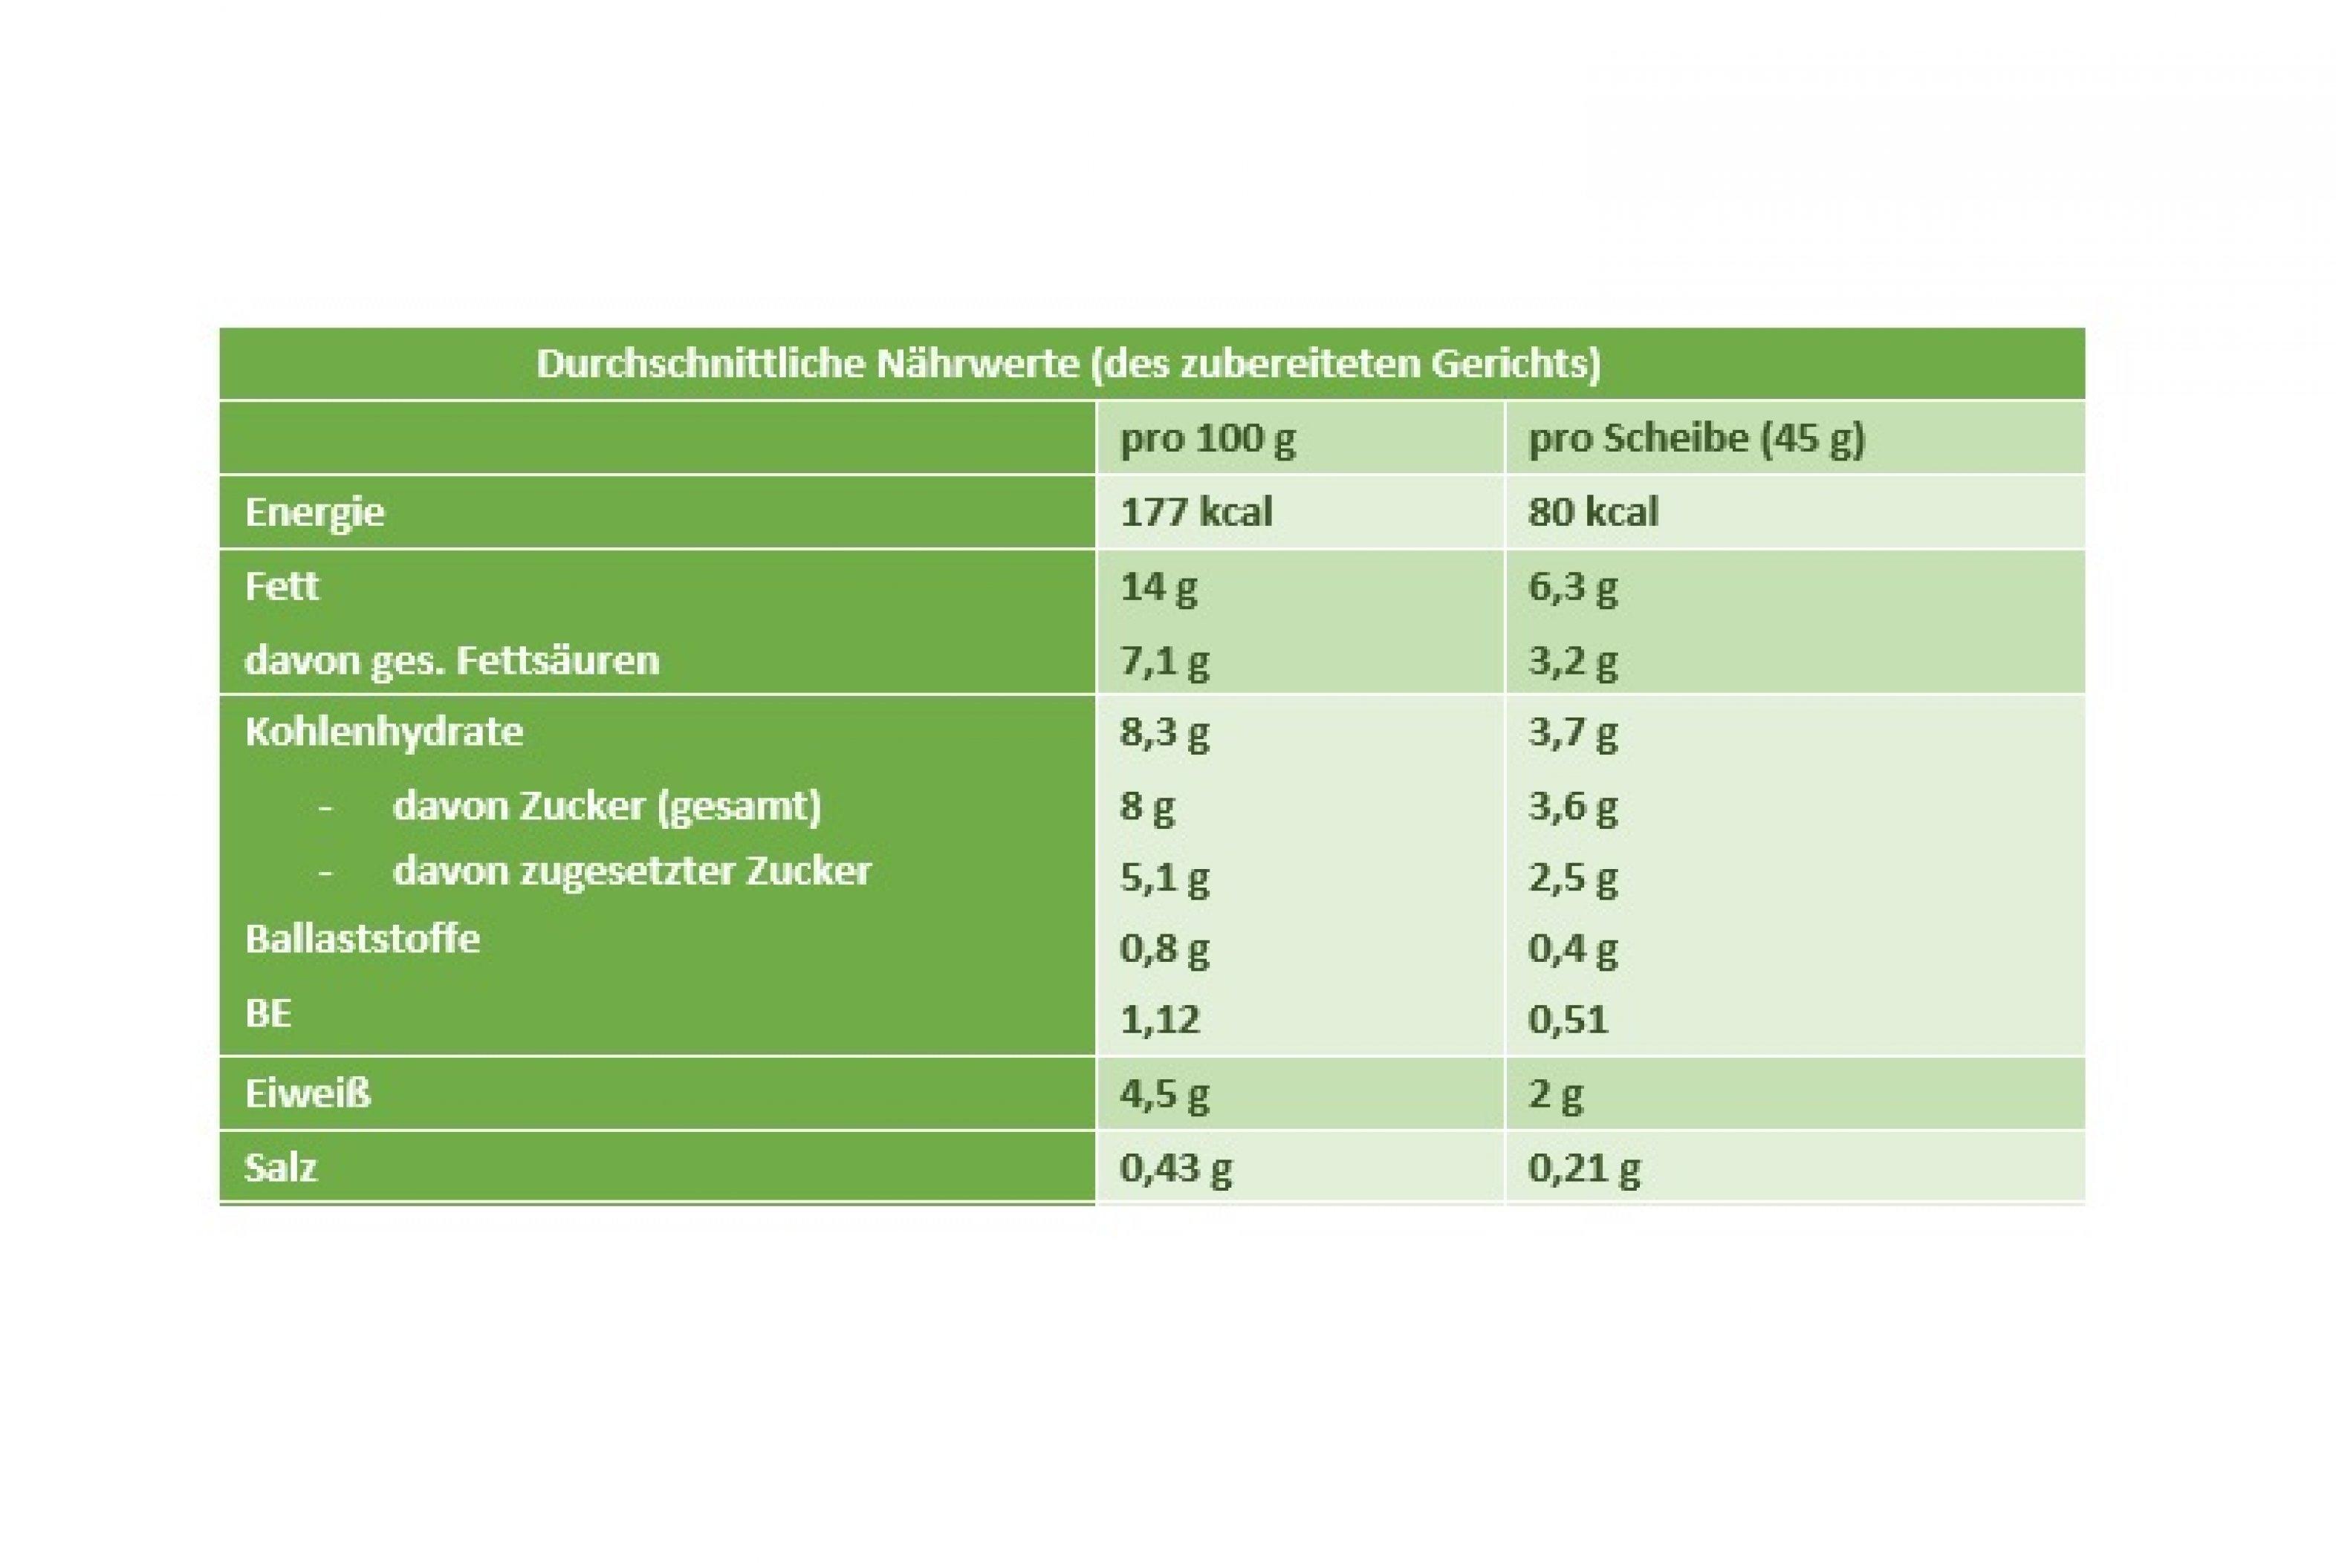 Nährwertberechnung Hefezopf mit Weißraum